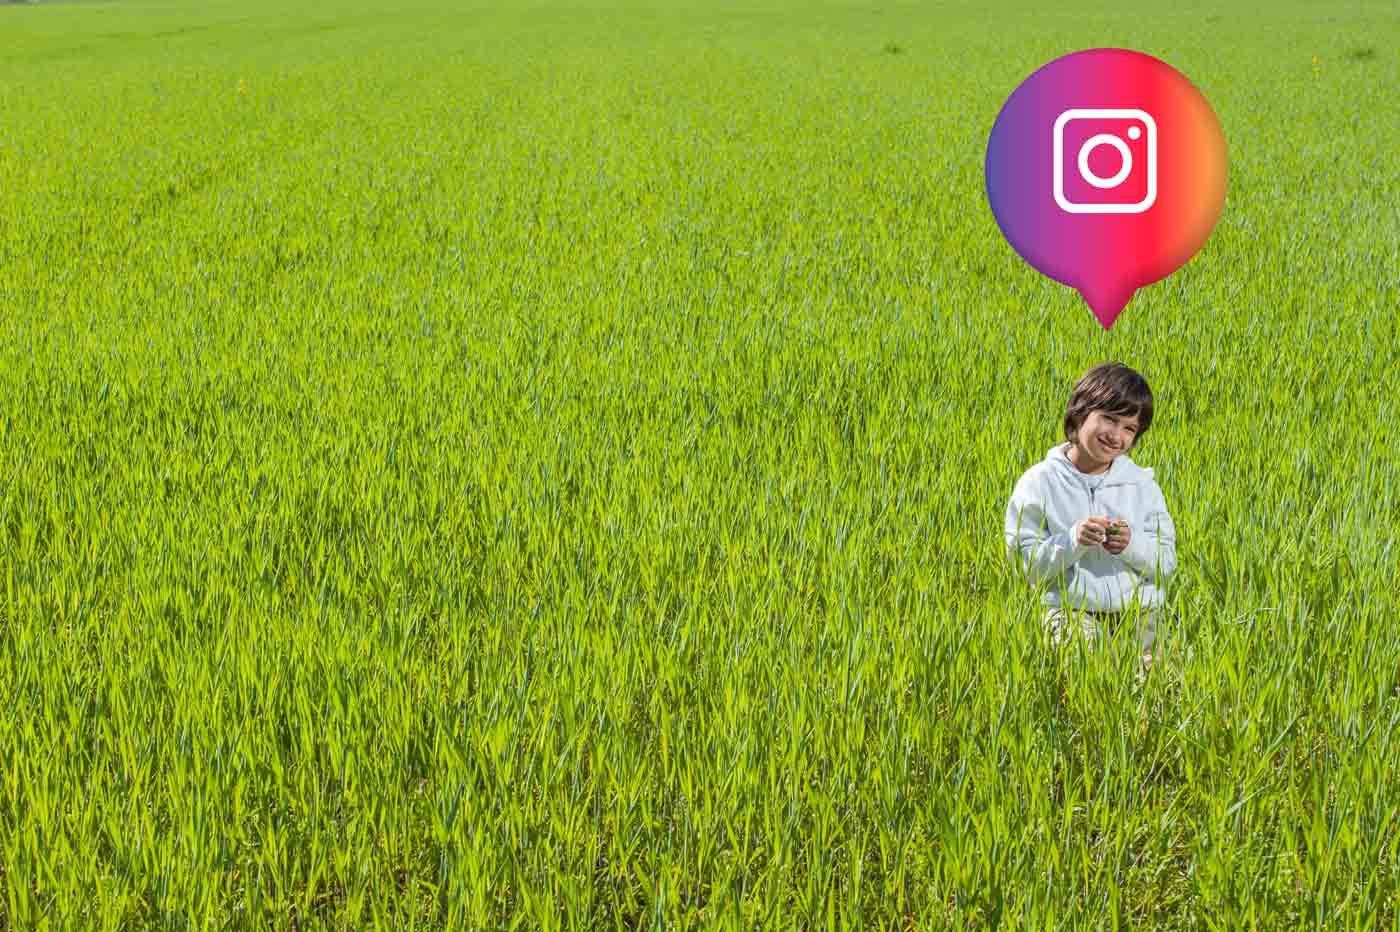 seguidores-instagram-gratis